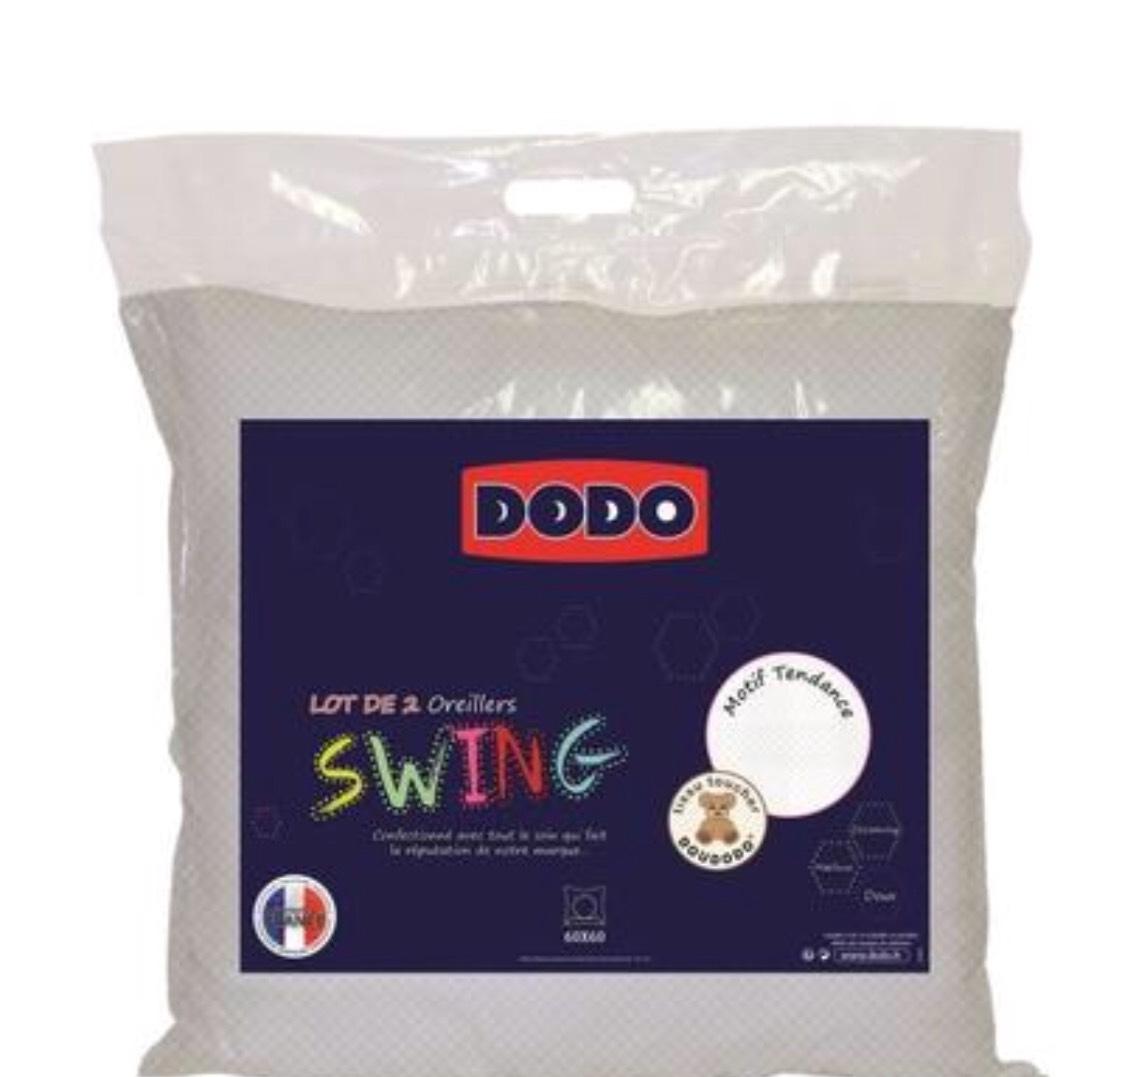 Lot de 2 oreillers Dodo Swing - Blanc (60 x 60 cm)